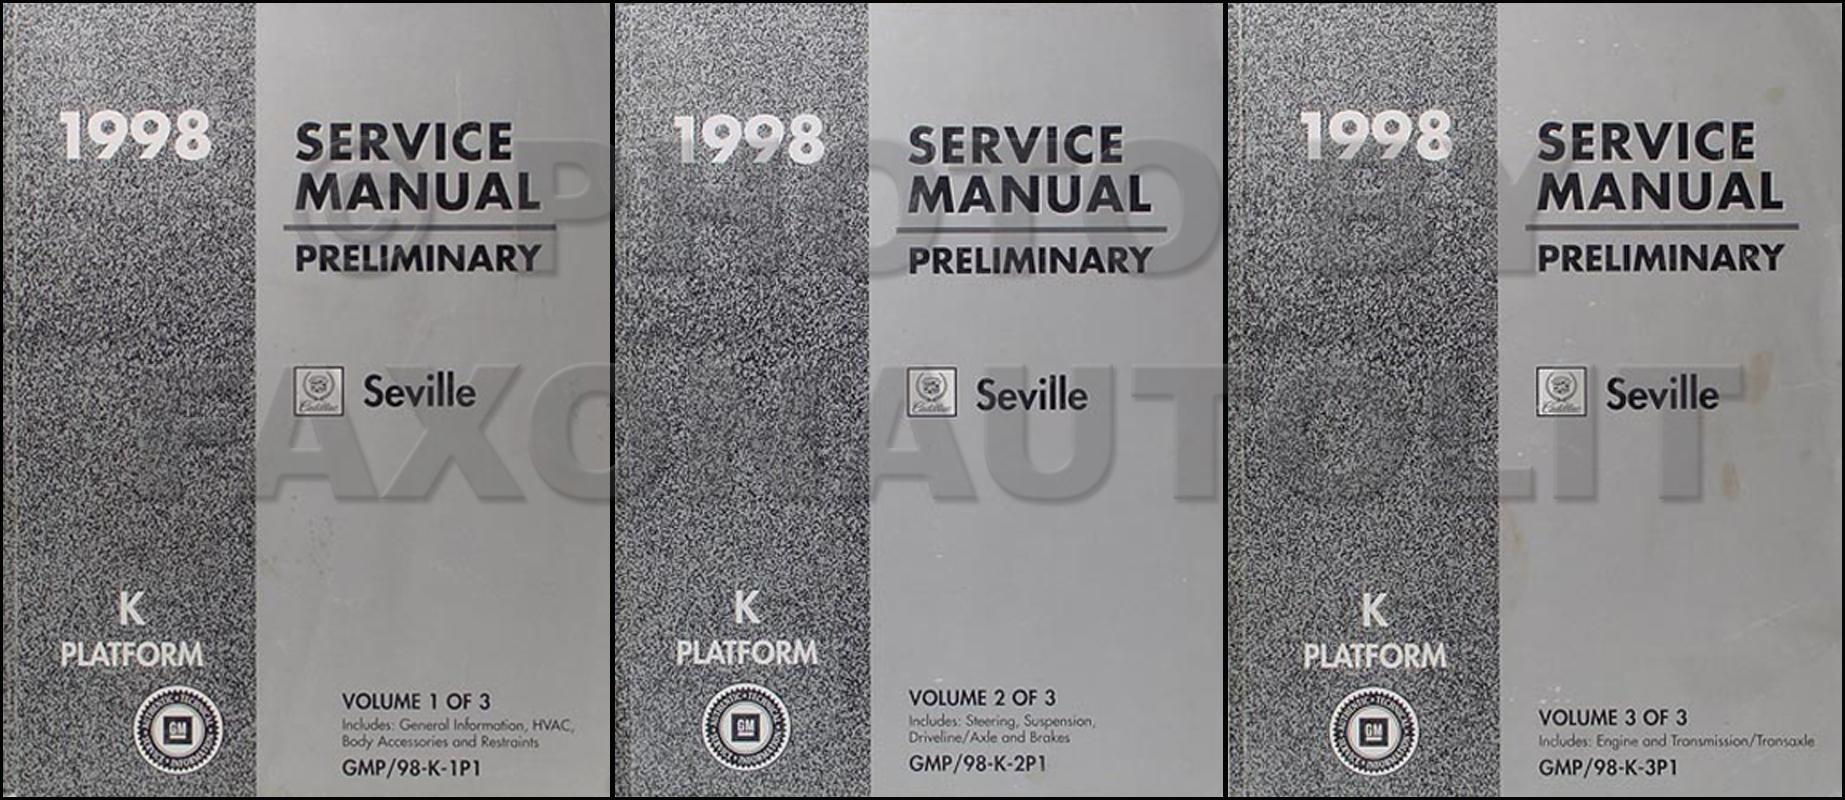 2002 hyundai elantra owners manual pdf